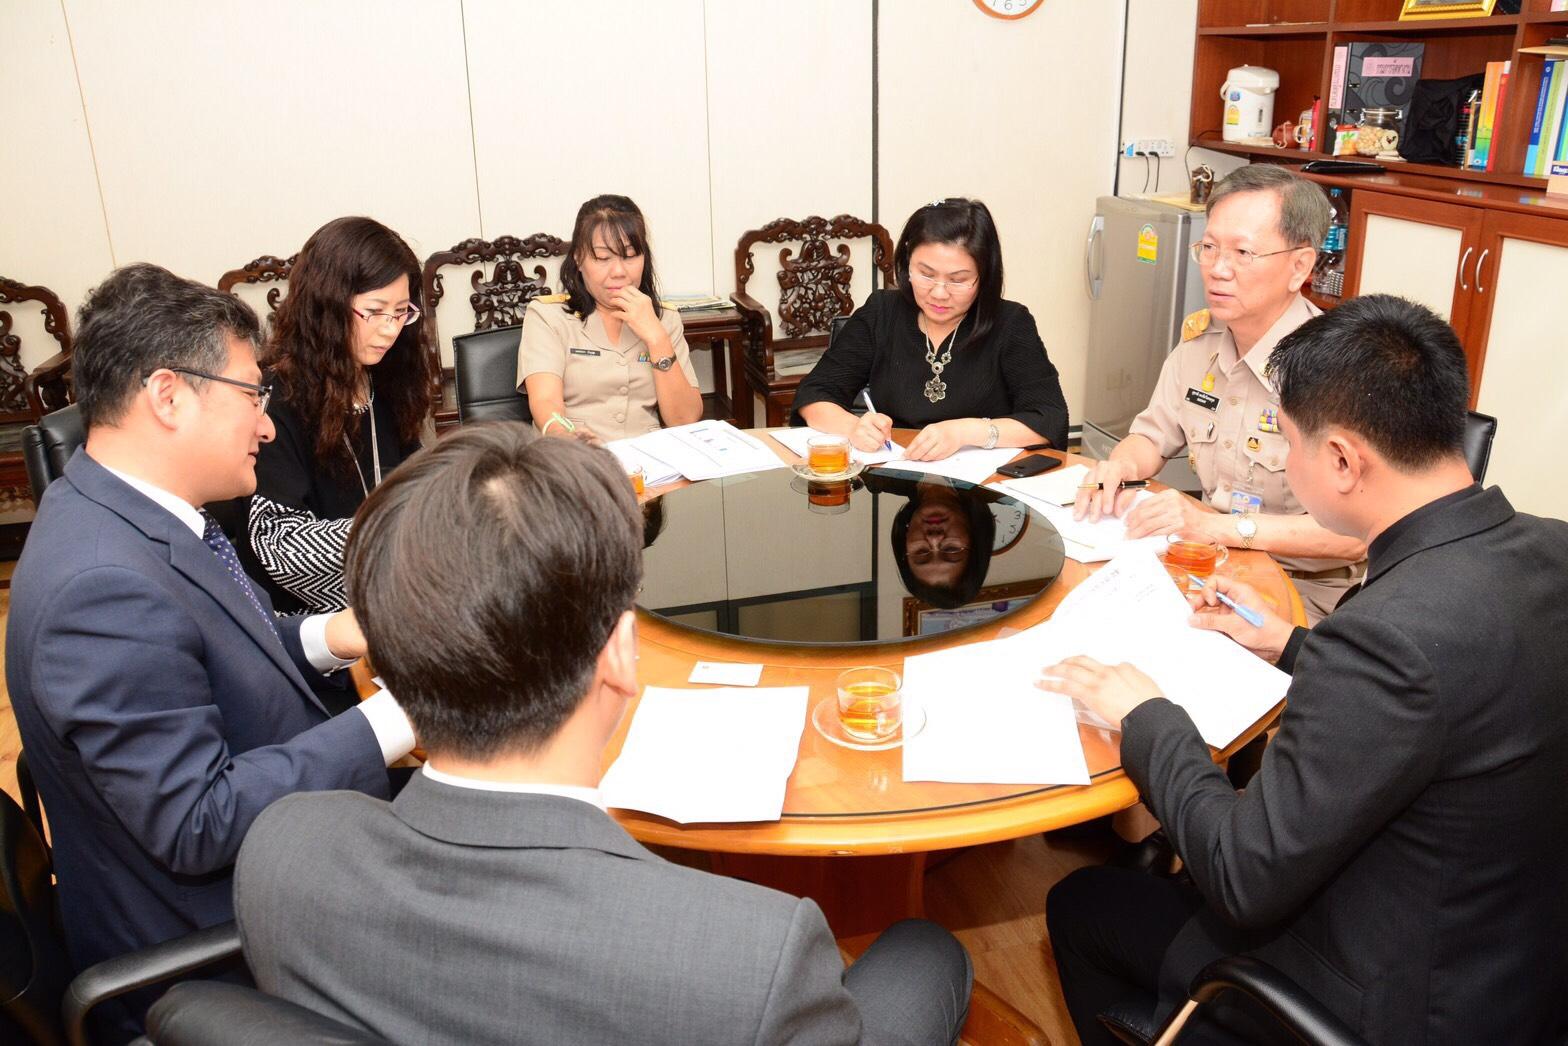 นายสุชาติ พรชัยวิเศษกุล รองอธิบดีกรมการจัดหางาน ให้การต้อนรับ Mr. Kang Kyung Pyo ที่เข้าเยี่ยมคารวะในโอกาสเข้ารับตำแหน่ง Economic & Financial Attache สถานเอกอัครราชทูตสาธารณรัฐเกาหลีประจำประเทศไทย และในโอกาสนี้ได้หารือร่วมกันในประเด็นเกี่ยวกับการจัดส่งแรง